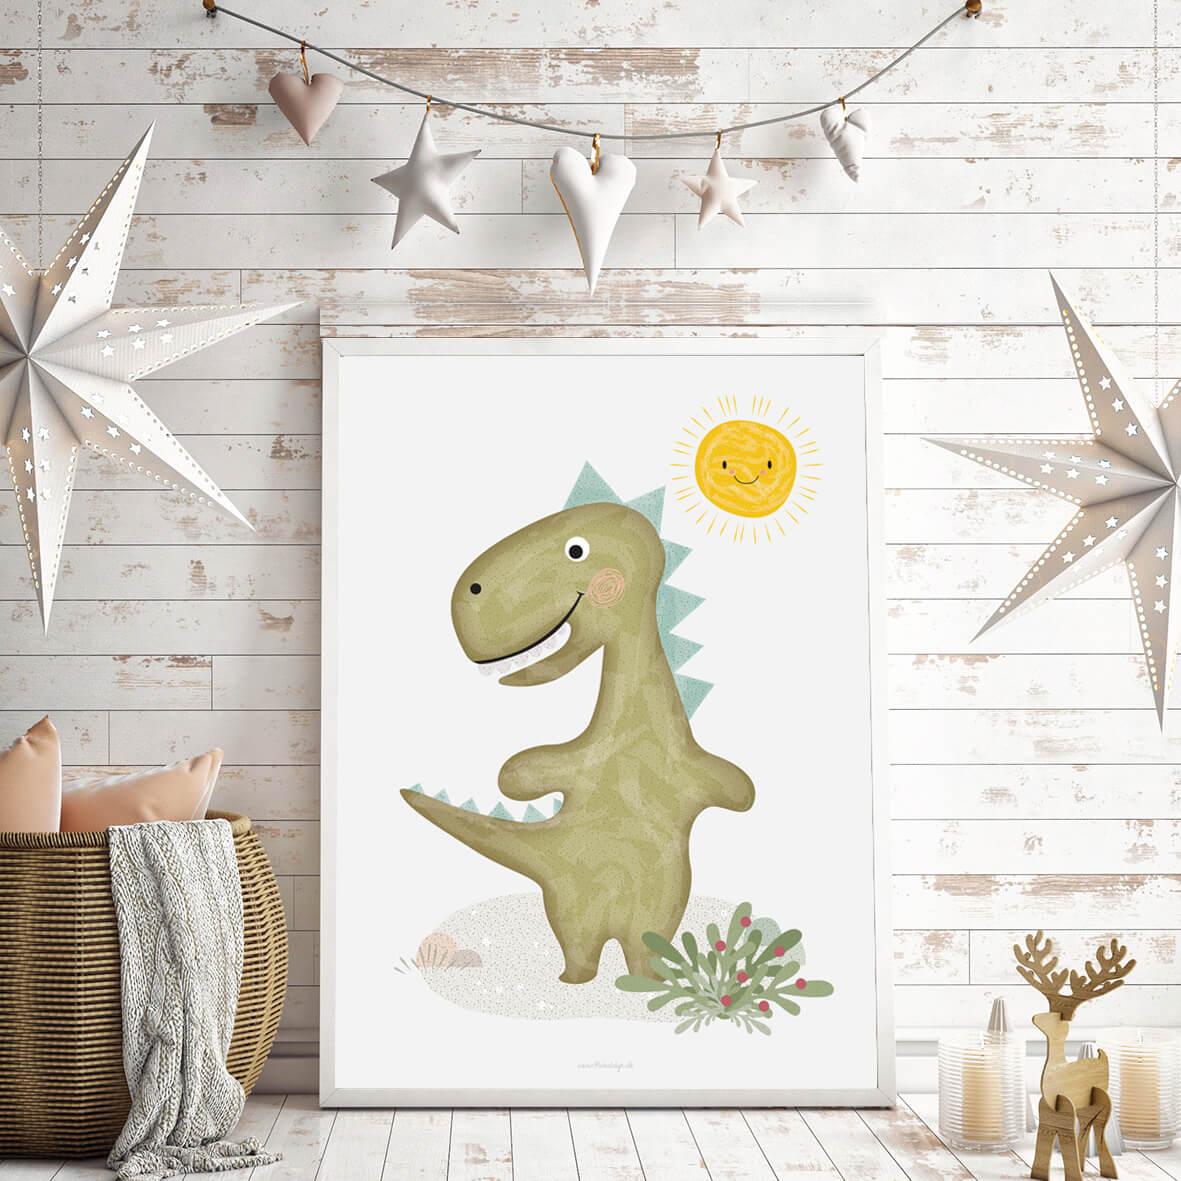 plakat-med-dinosaur-2